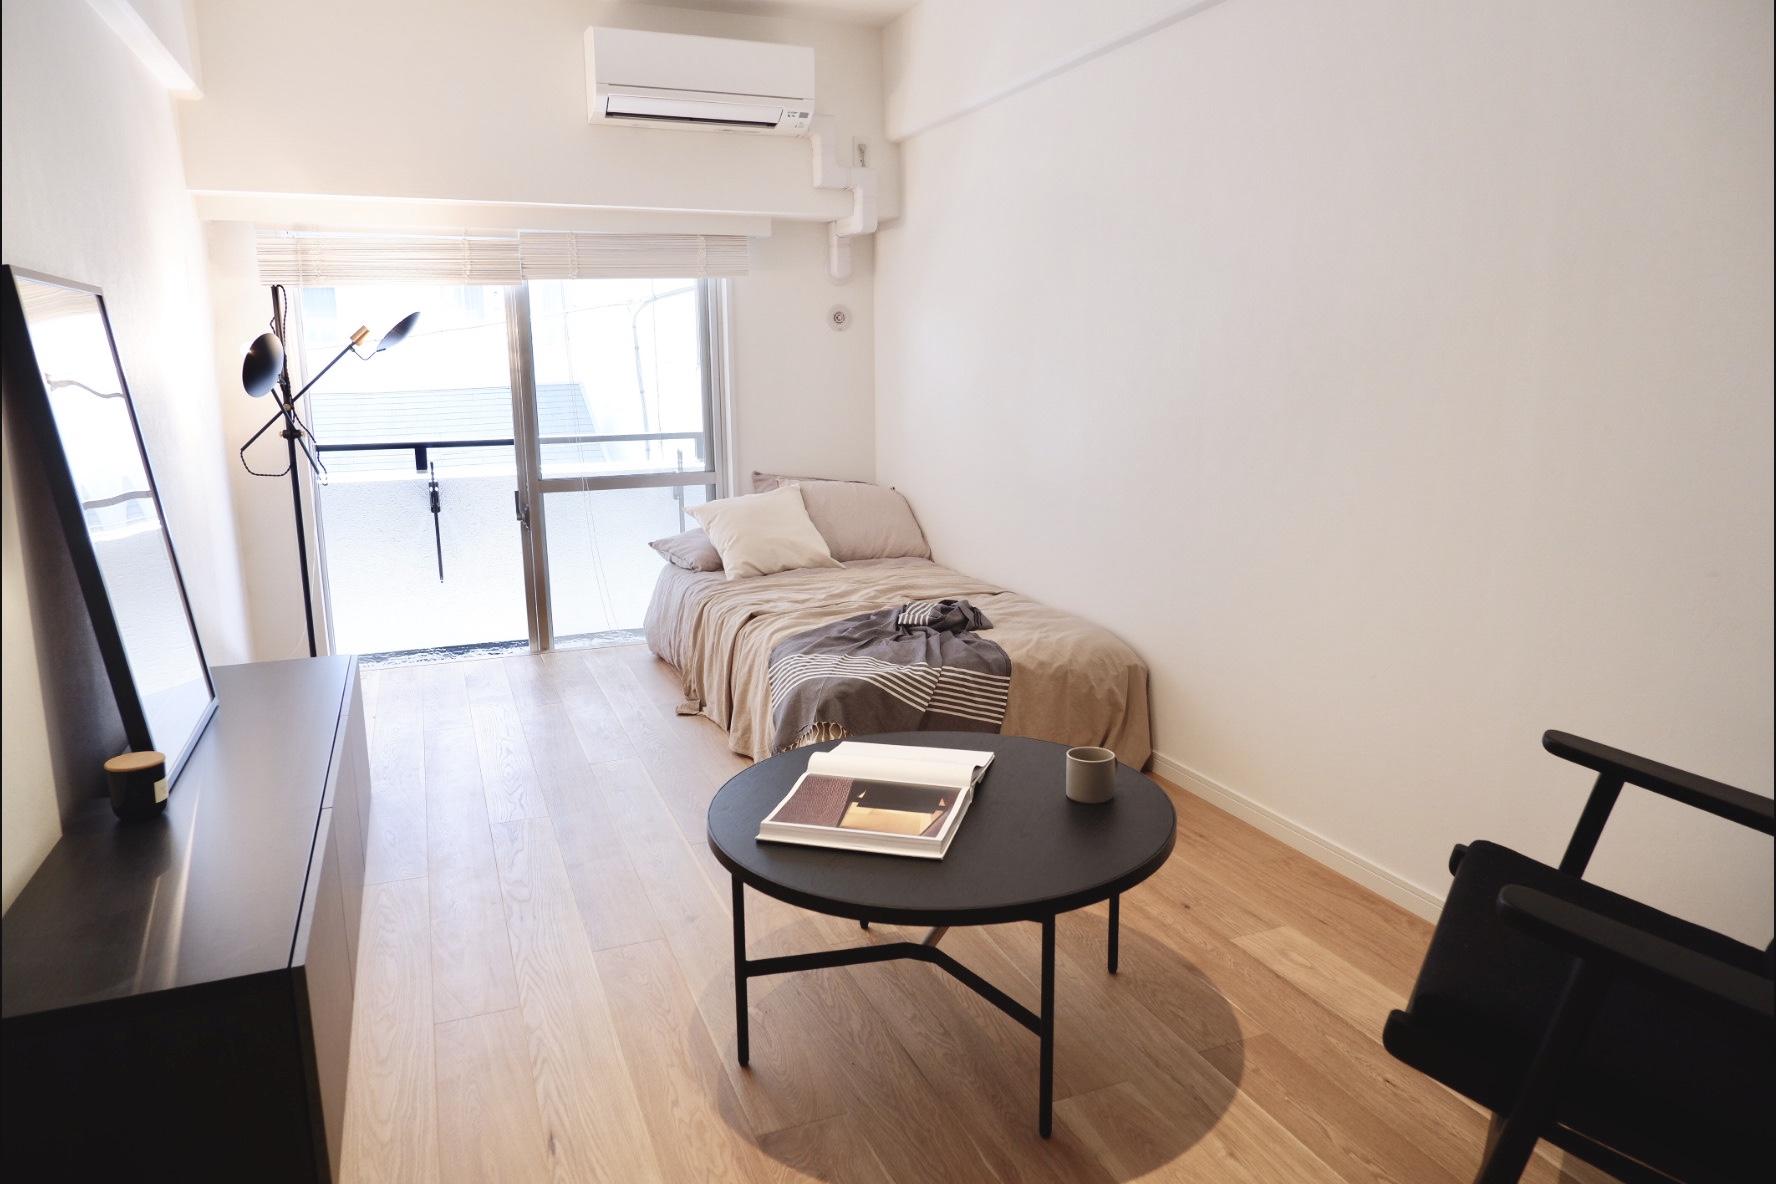 床にはTOMOSリノベーションではおなじみ、無垢床が使用されています。通常の賃貸物件で使用されているフローリングとは違い、本物の木を使用しているため、お部屋に入った瞬間に木の香りに包まれます。